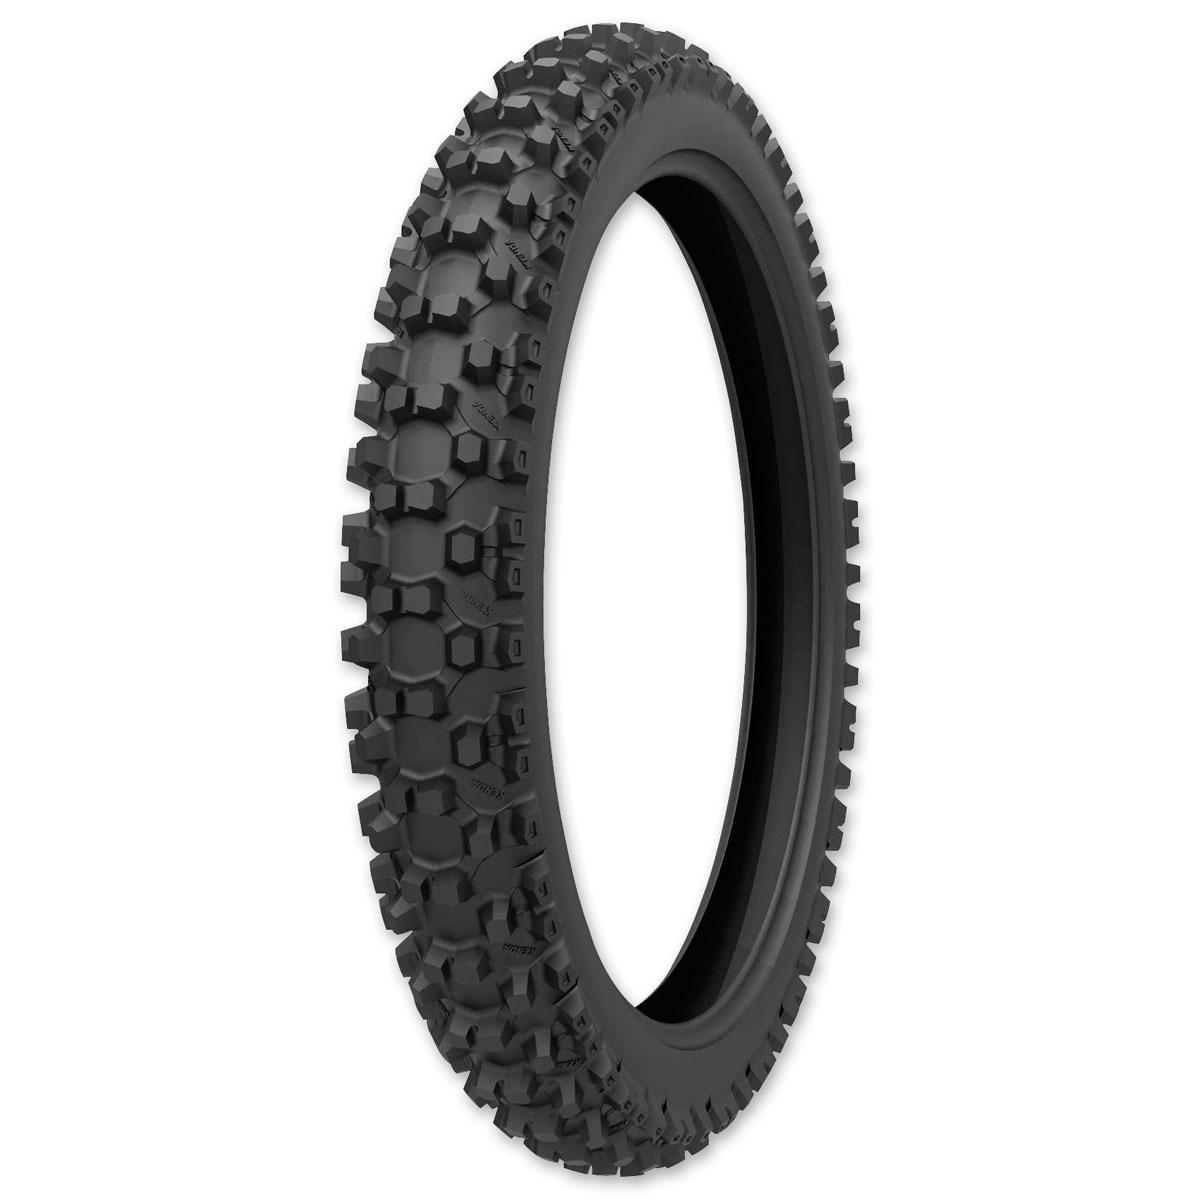 Kenda Tires K785 Millville II 70/100-19 Front Tire